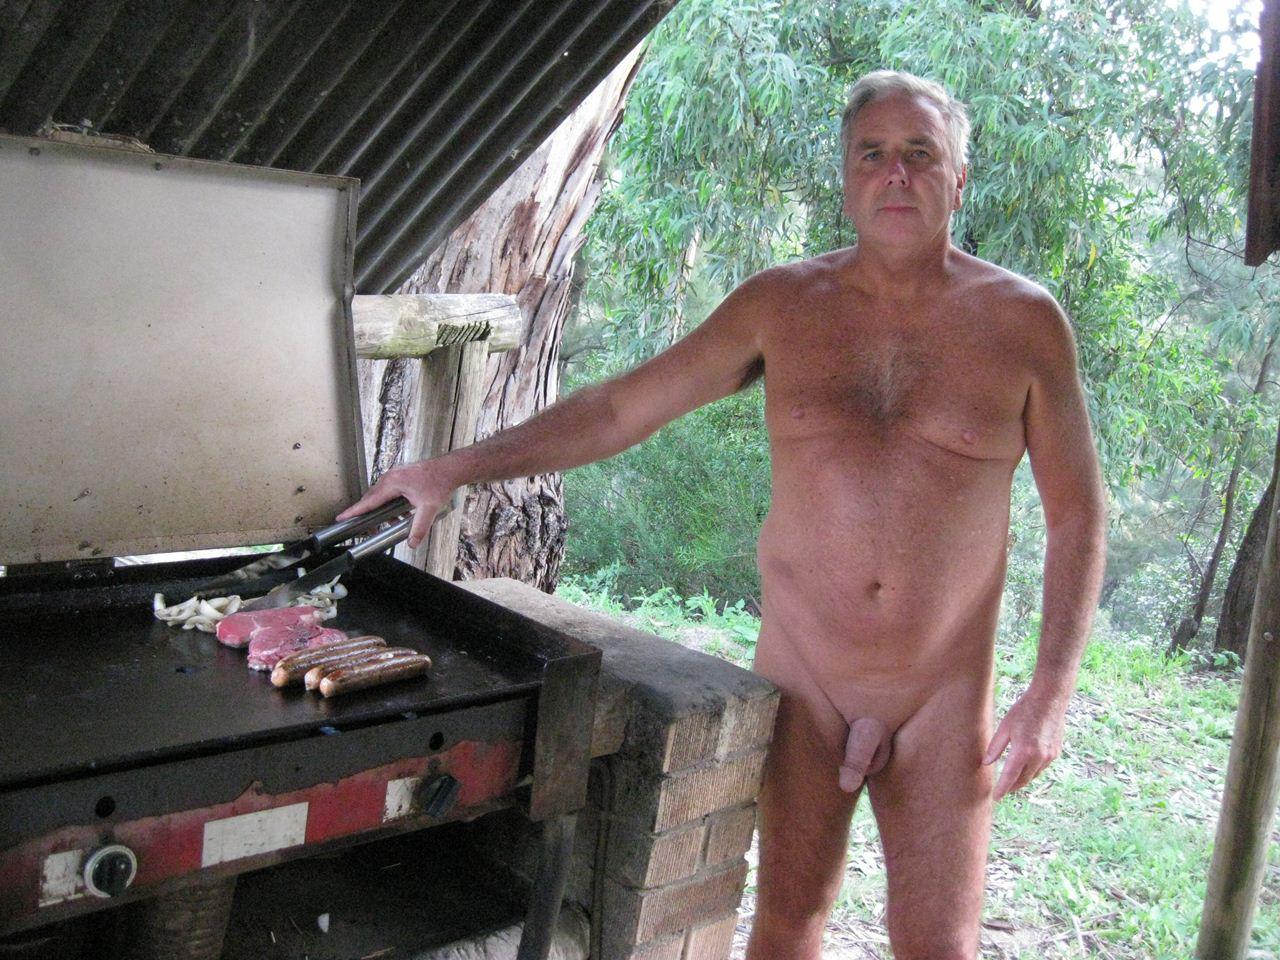 Hot gay pornography